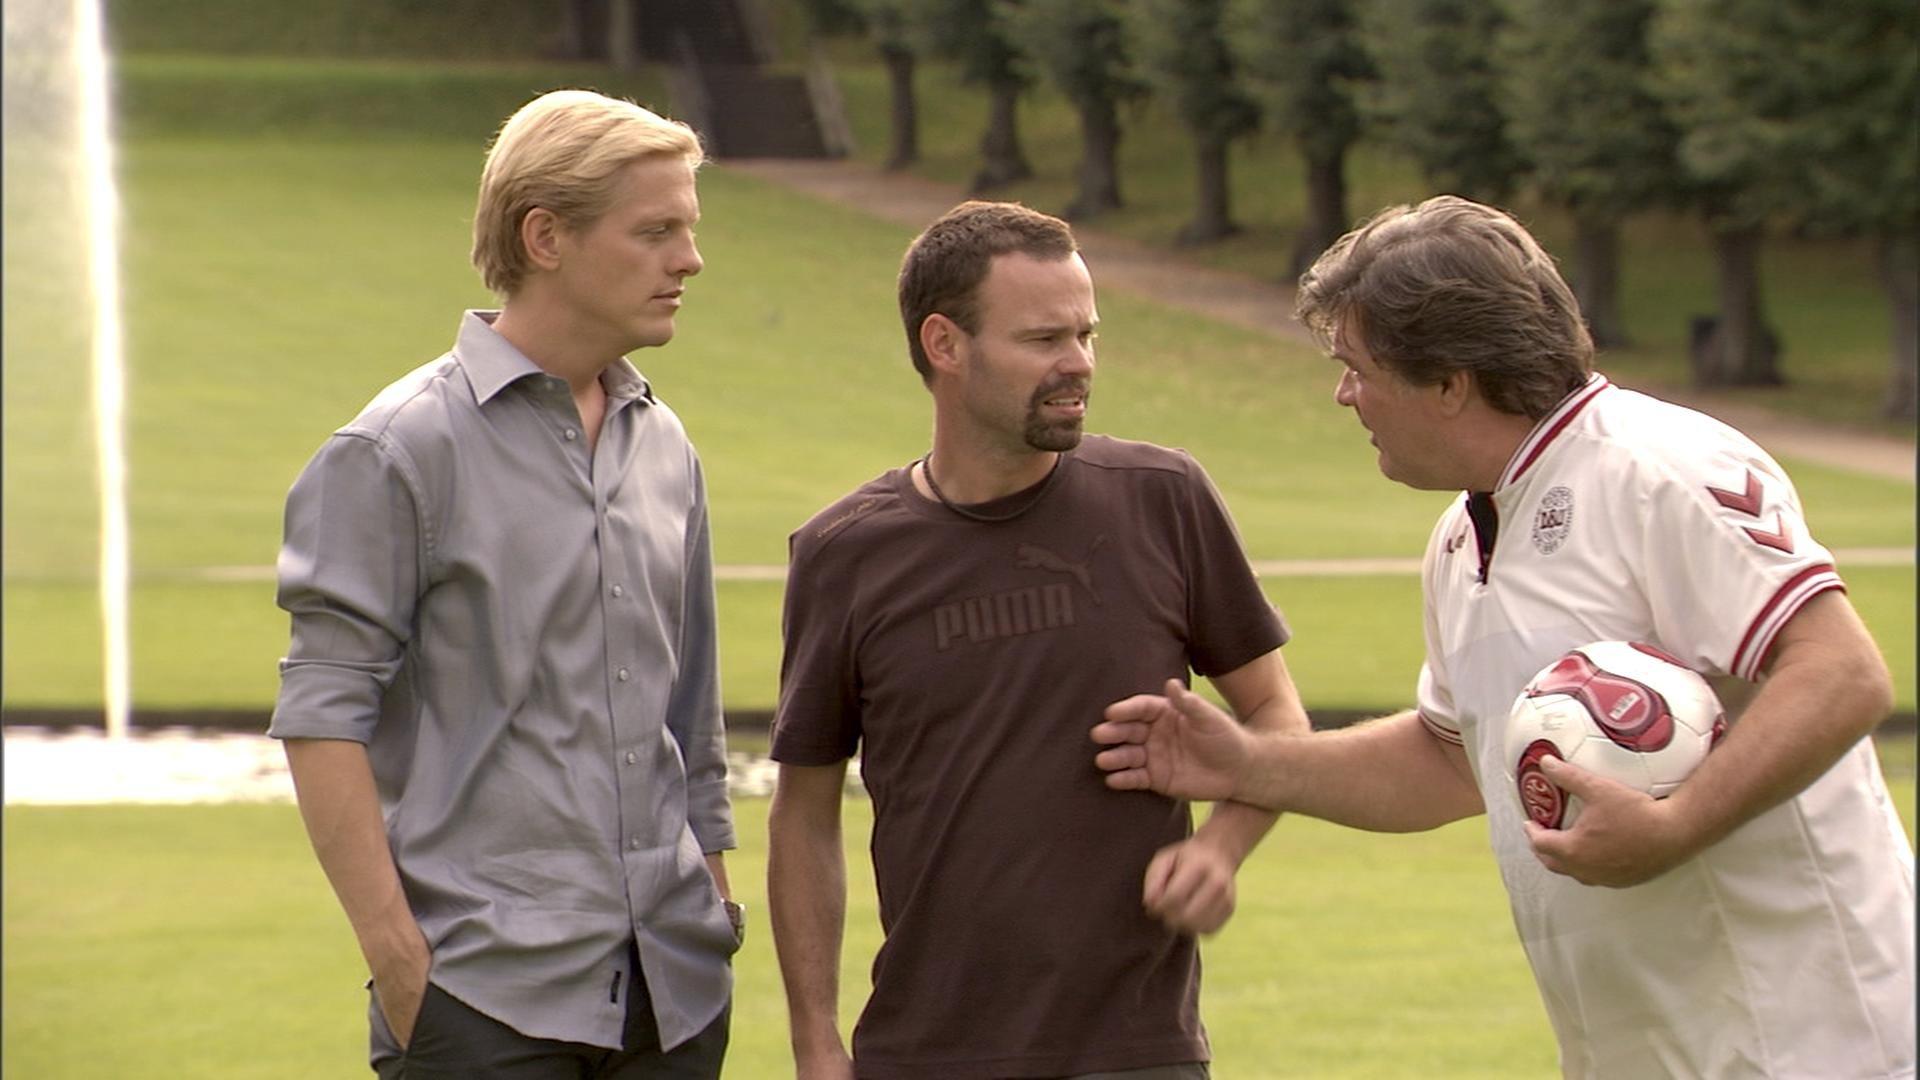 Dick Kaysø, Thure Lindhardt, and Mick Øgendahl in Blå mænd (2008)